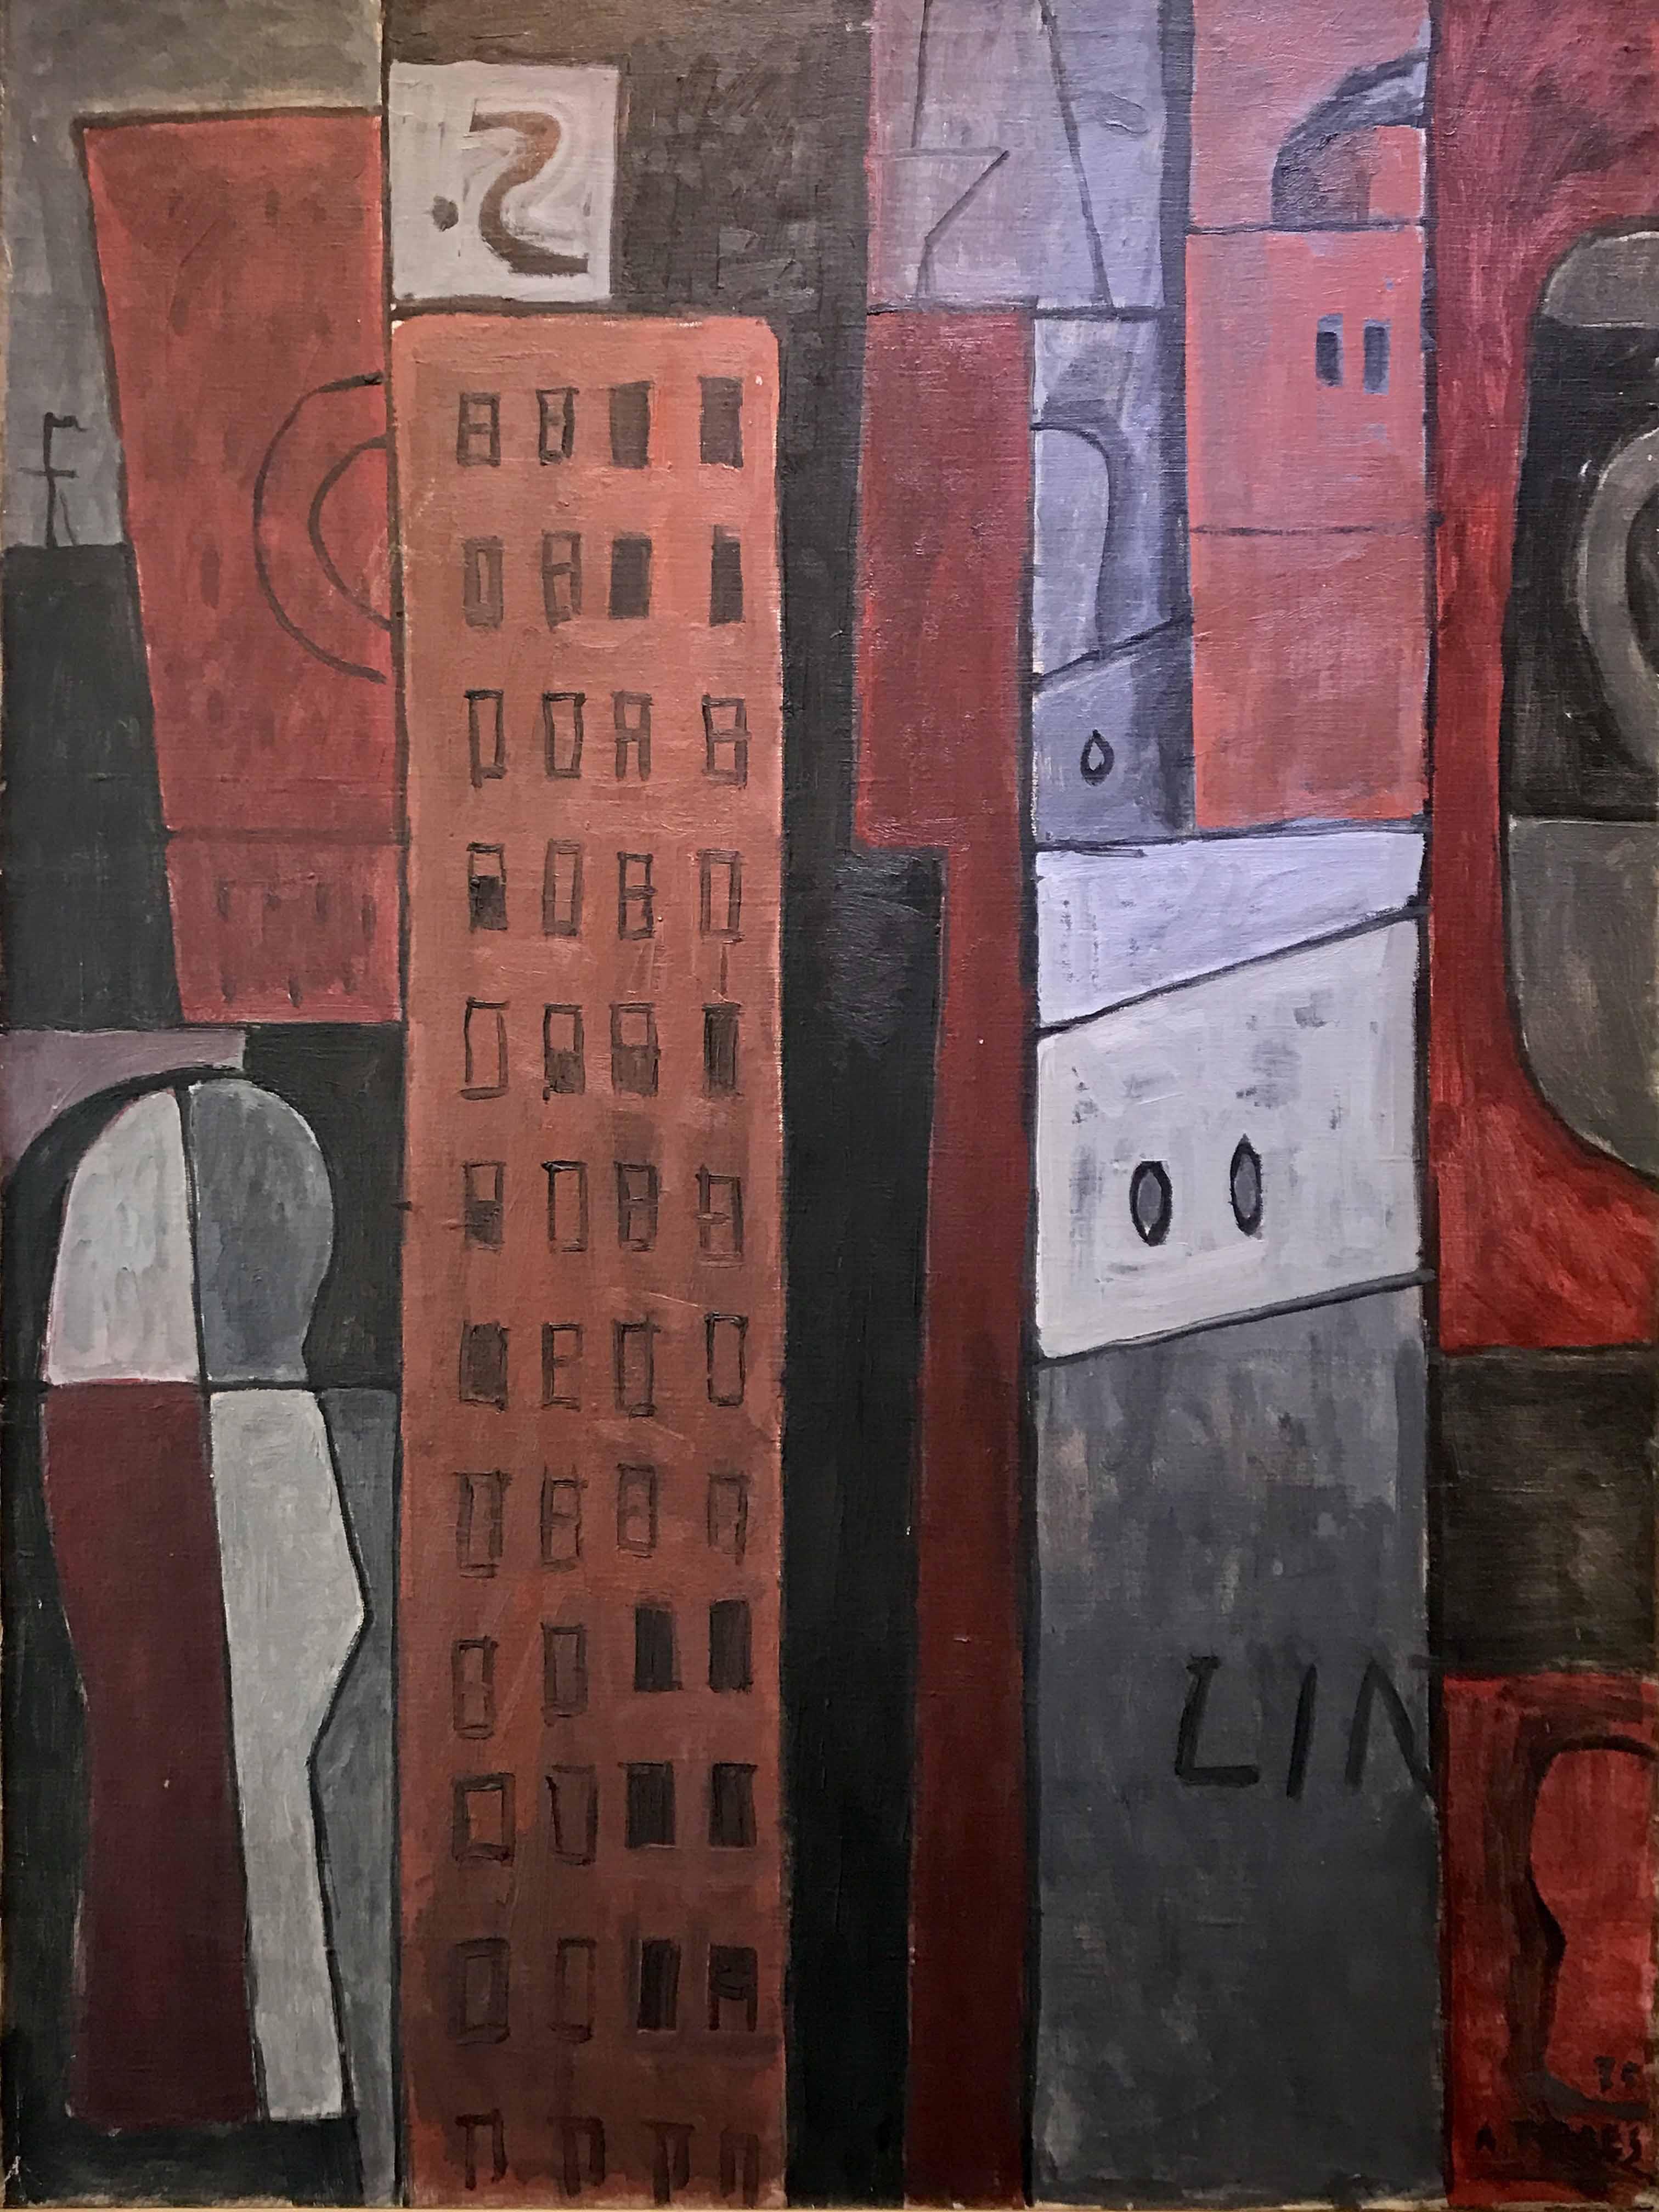 """AUGUSTO TORRES (1913 - 1992) """"RITMOS VERTICALES CON ELEMENTOS"""" Oleo sobre tela; 100 x 81 cm. Firmado y fechado ´75 abajo a la derecha. POR CONSULTAS DE PRECIOS, CONTACTE LA GALERIA. FOR PRICE´S ENQUIRIES, PLEASE CONTACT THE GALLERY."""